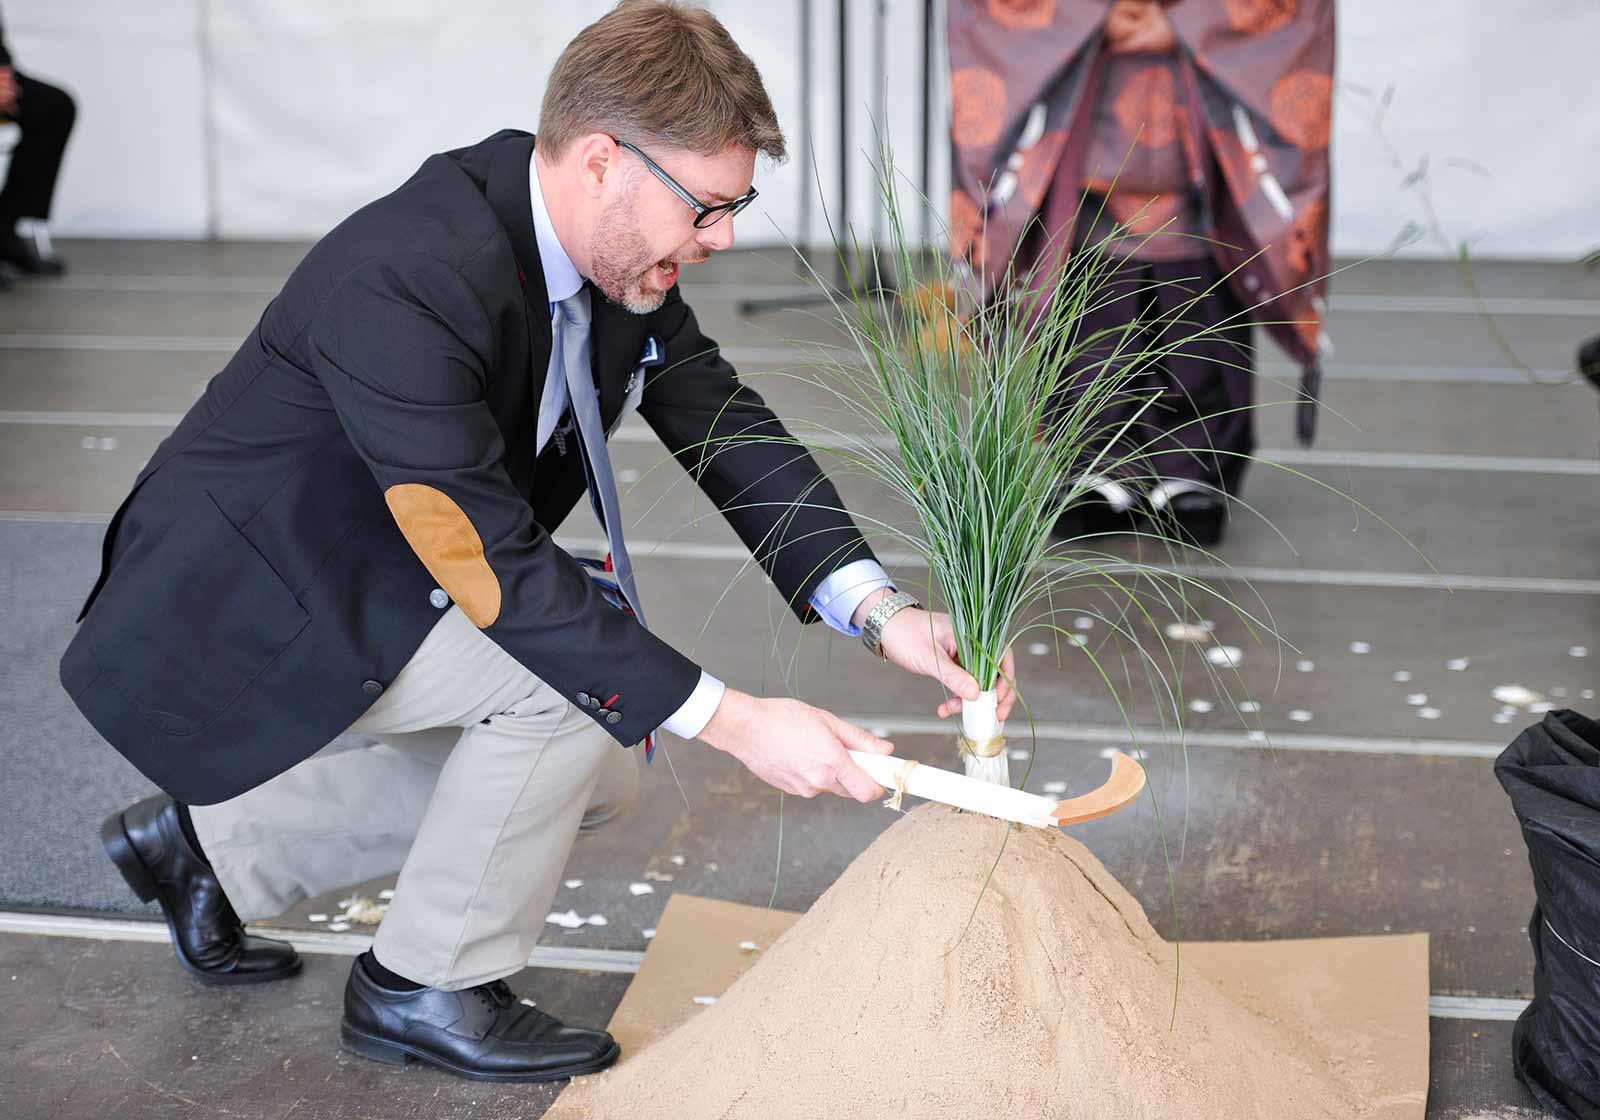 Традиционная для Японии синтоистская церемония закладки фундамента в Алльгой. Источник фото: ATP